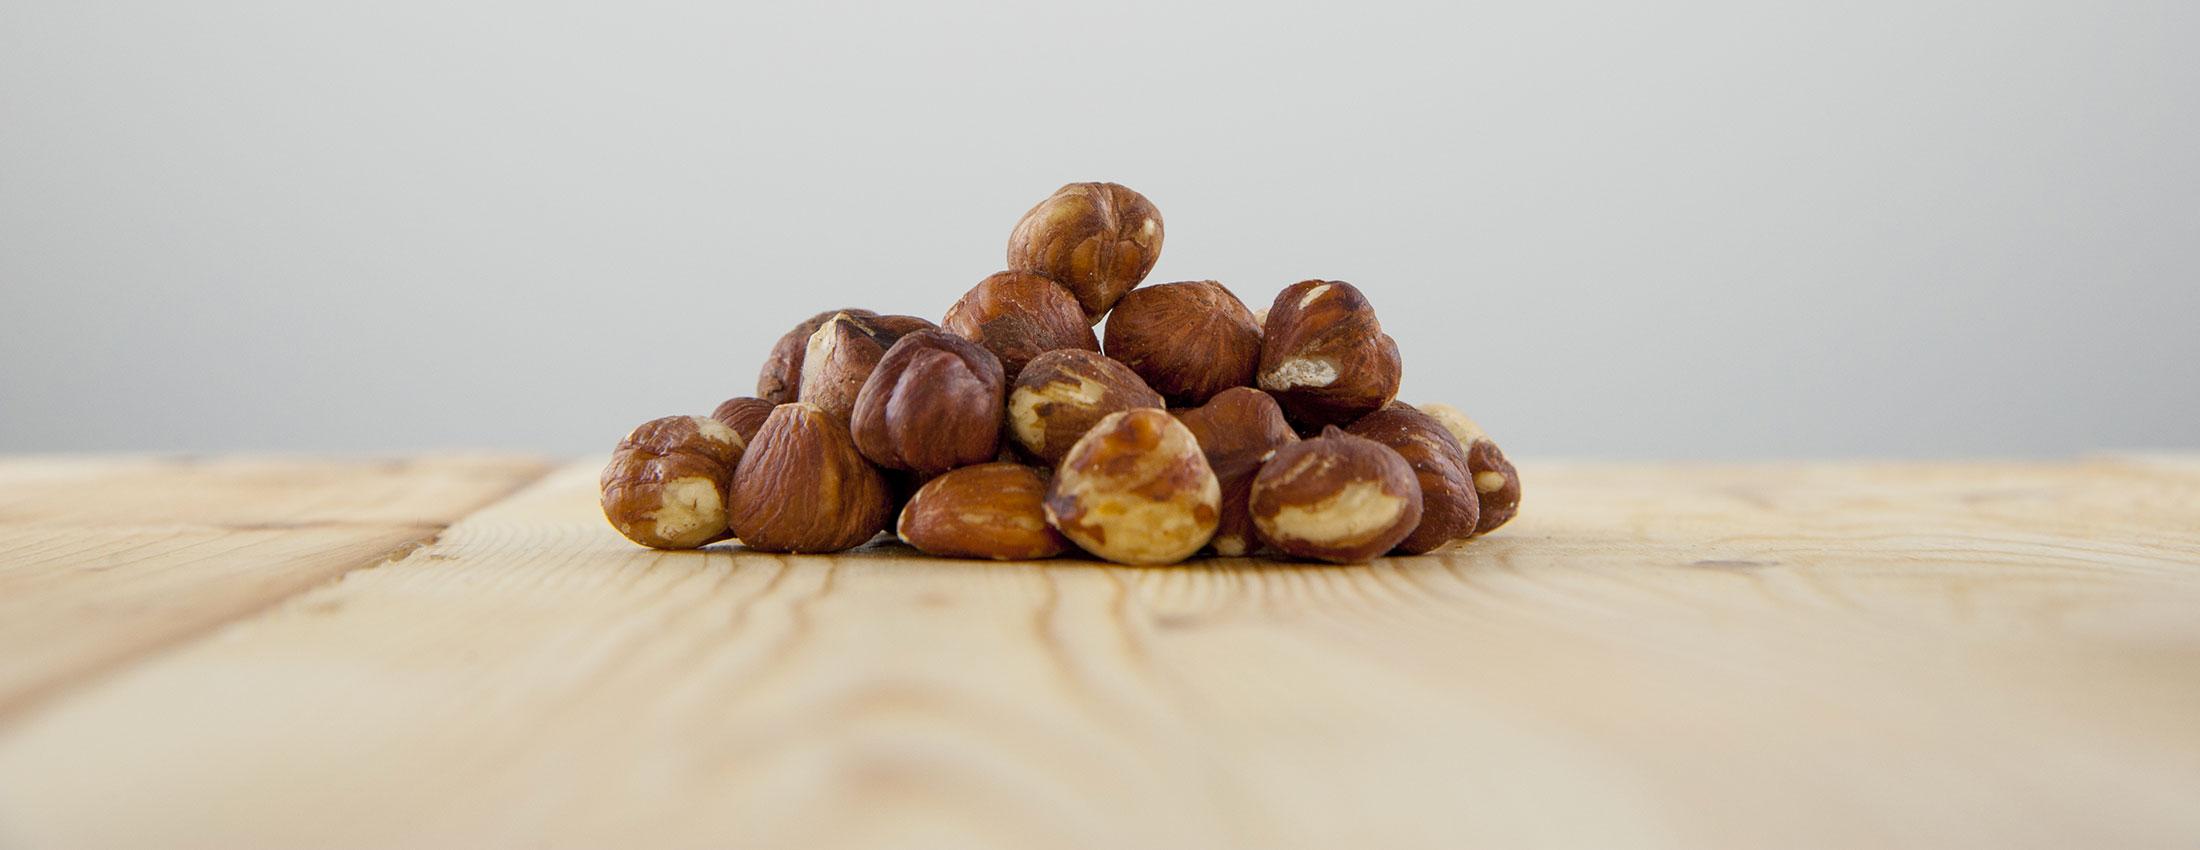 noisettes crues aveline biologique noix silo antioxydants gras monoinsatures sante cardiovasculaire recette